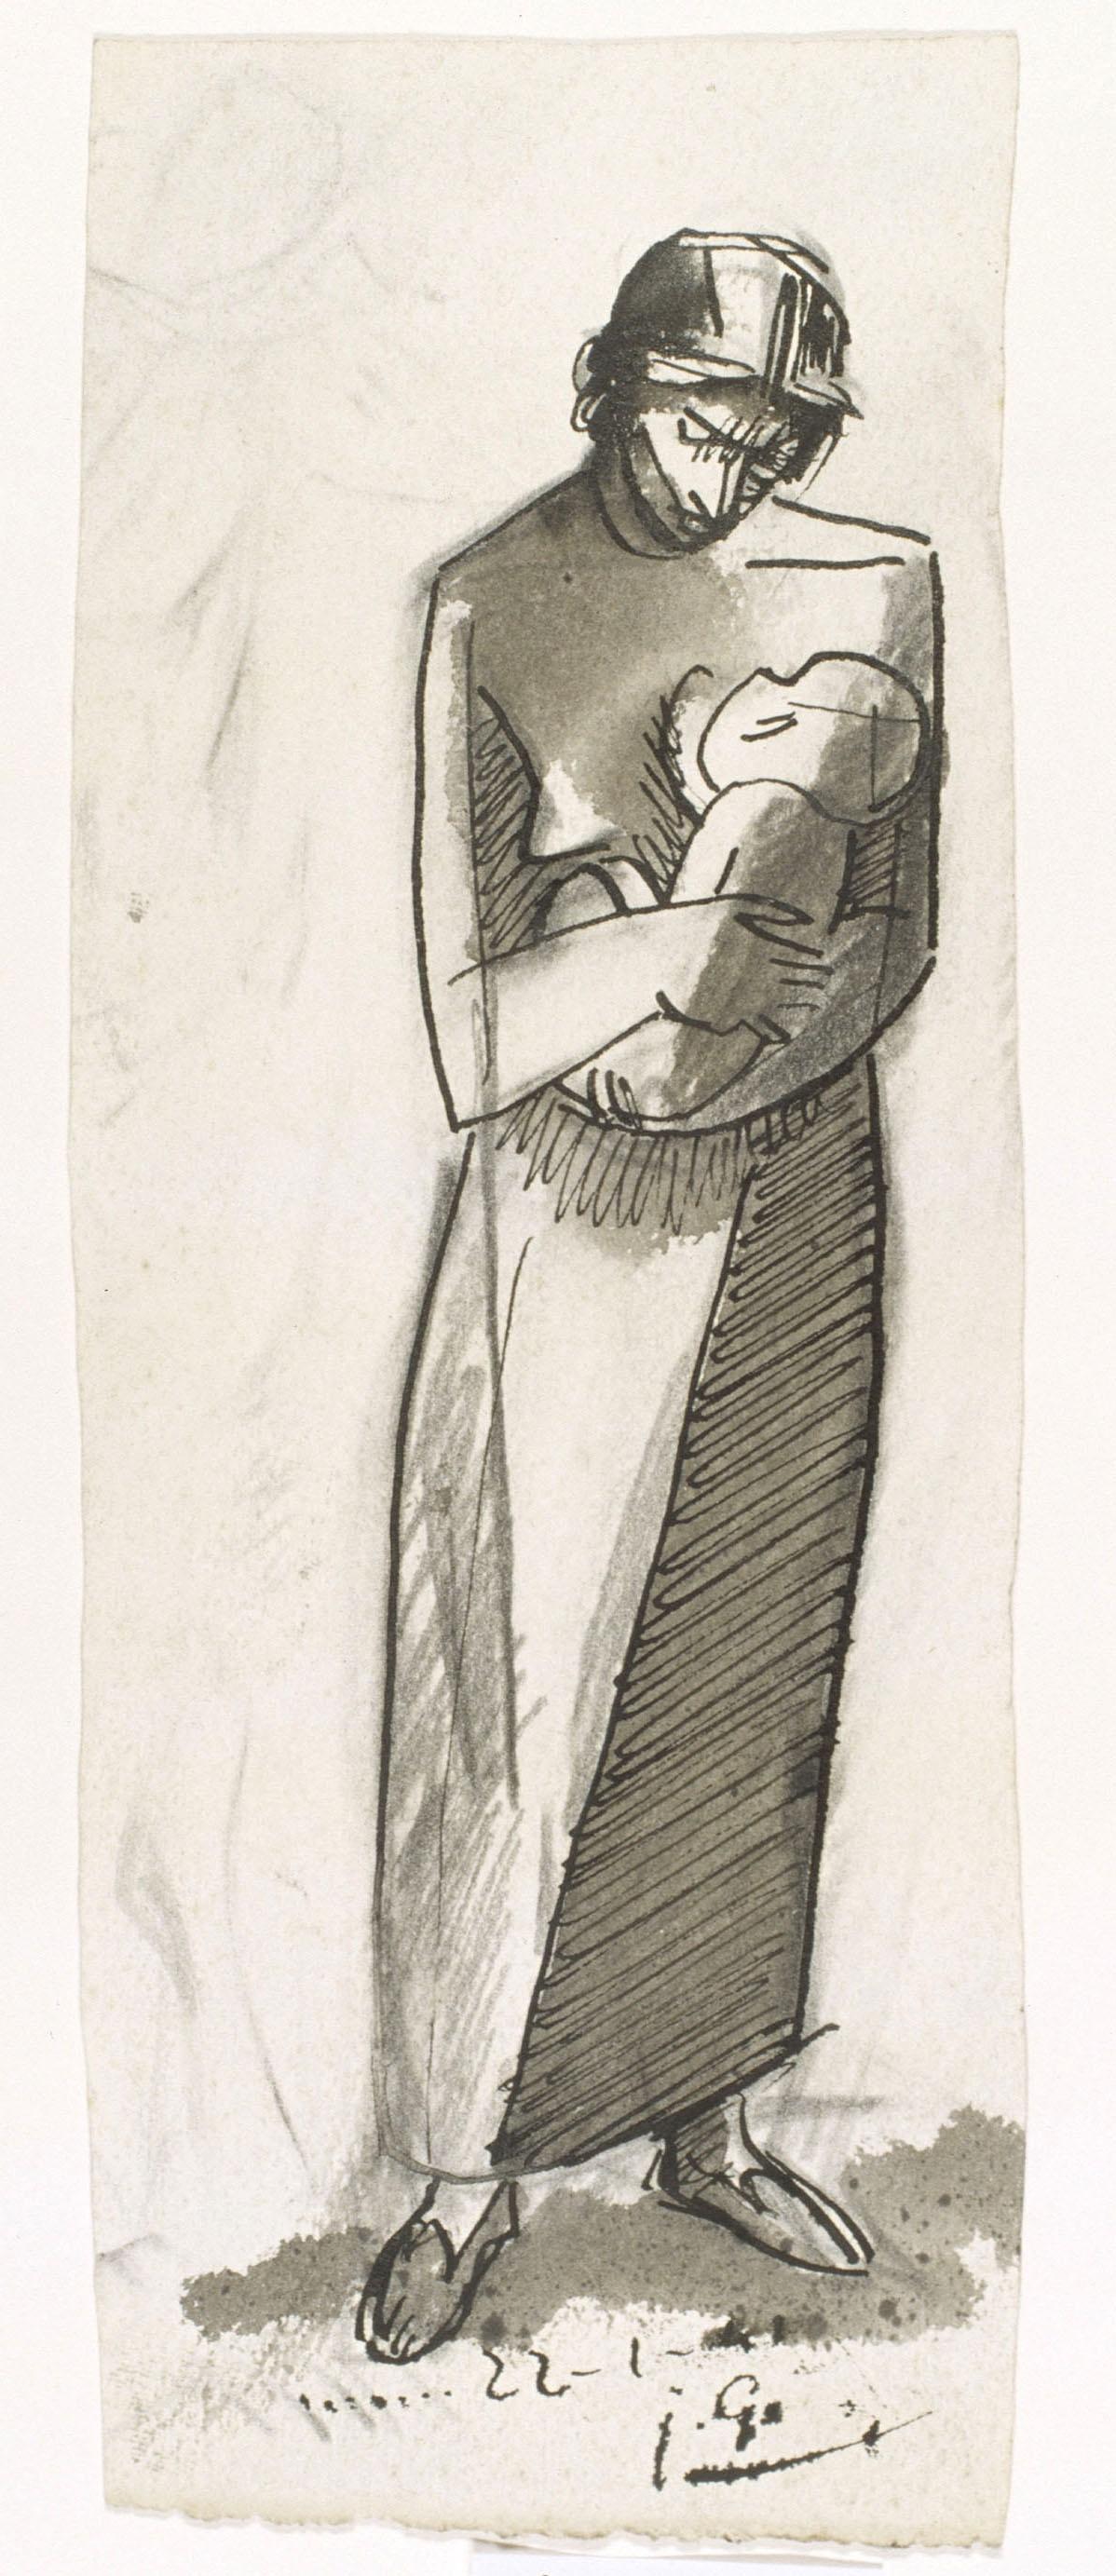 Juli González - Maternitat ansiosa (Maternité anxieuse) - 1941